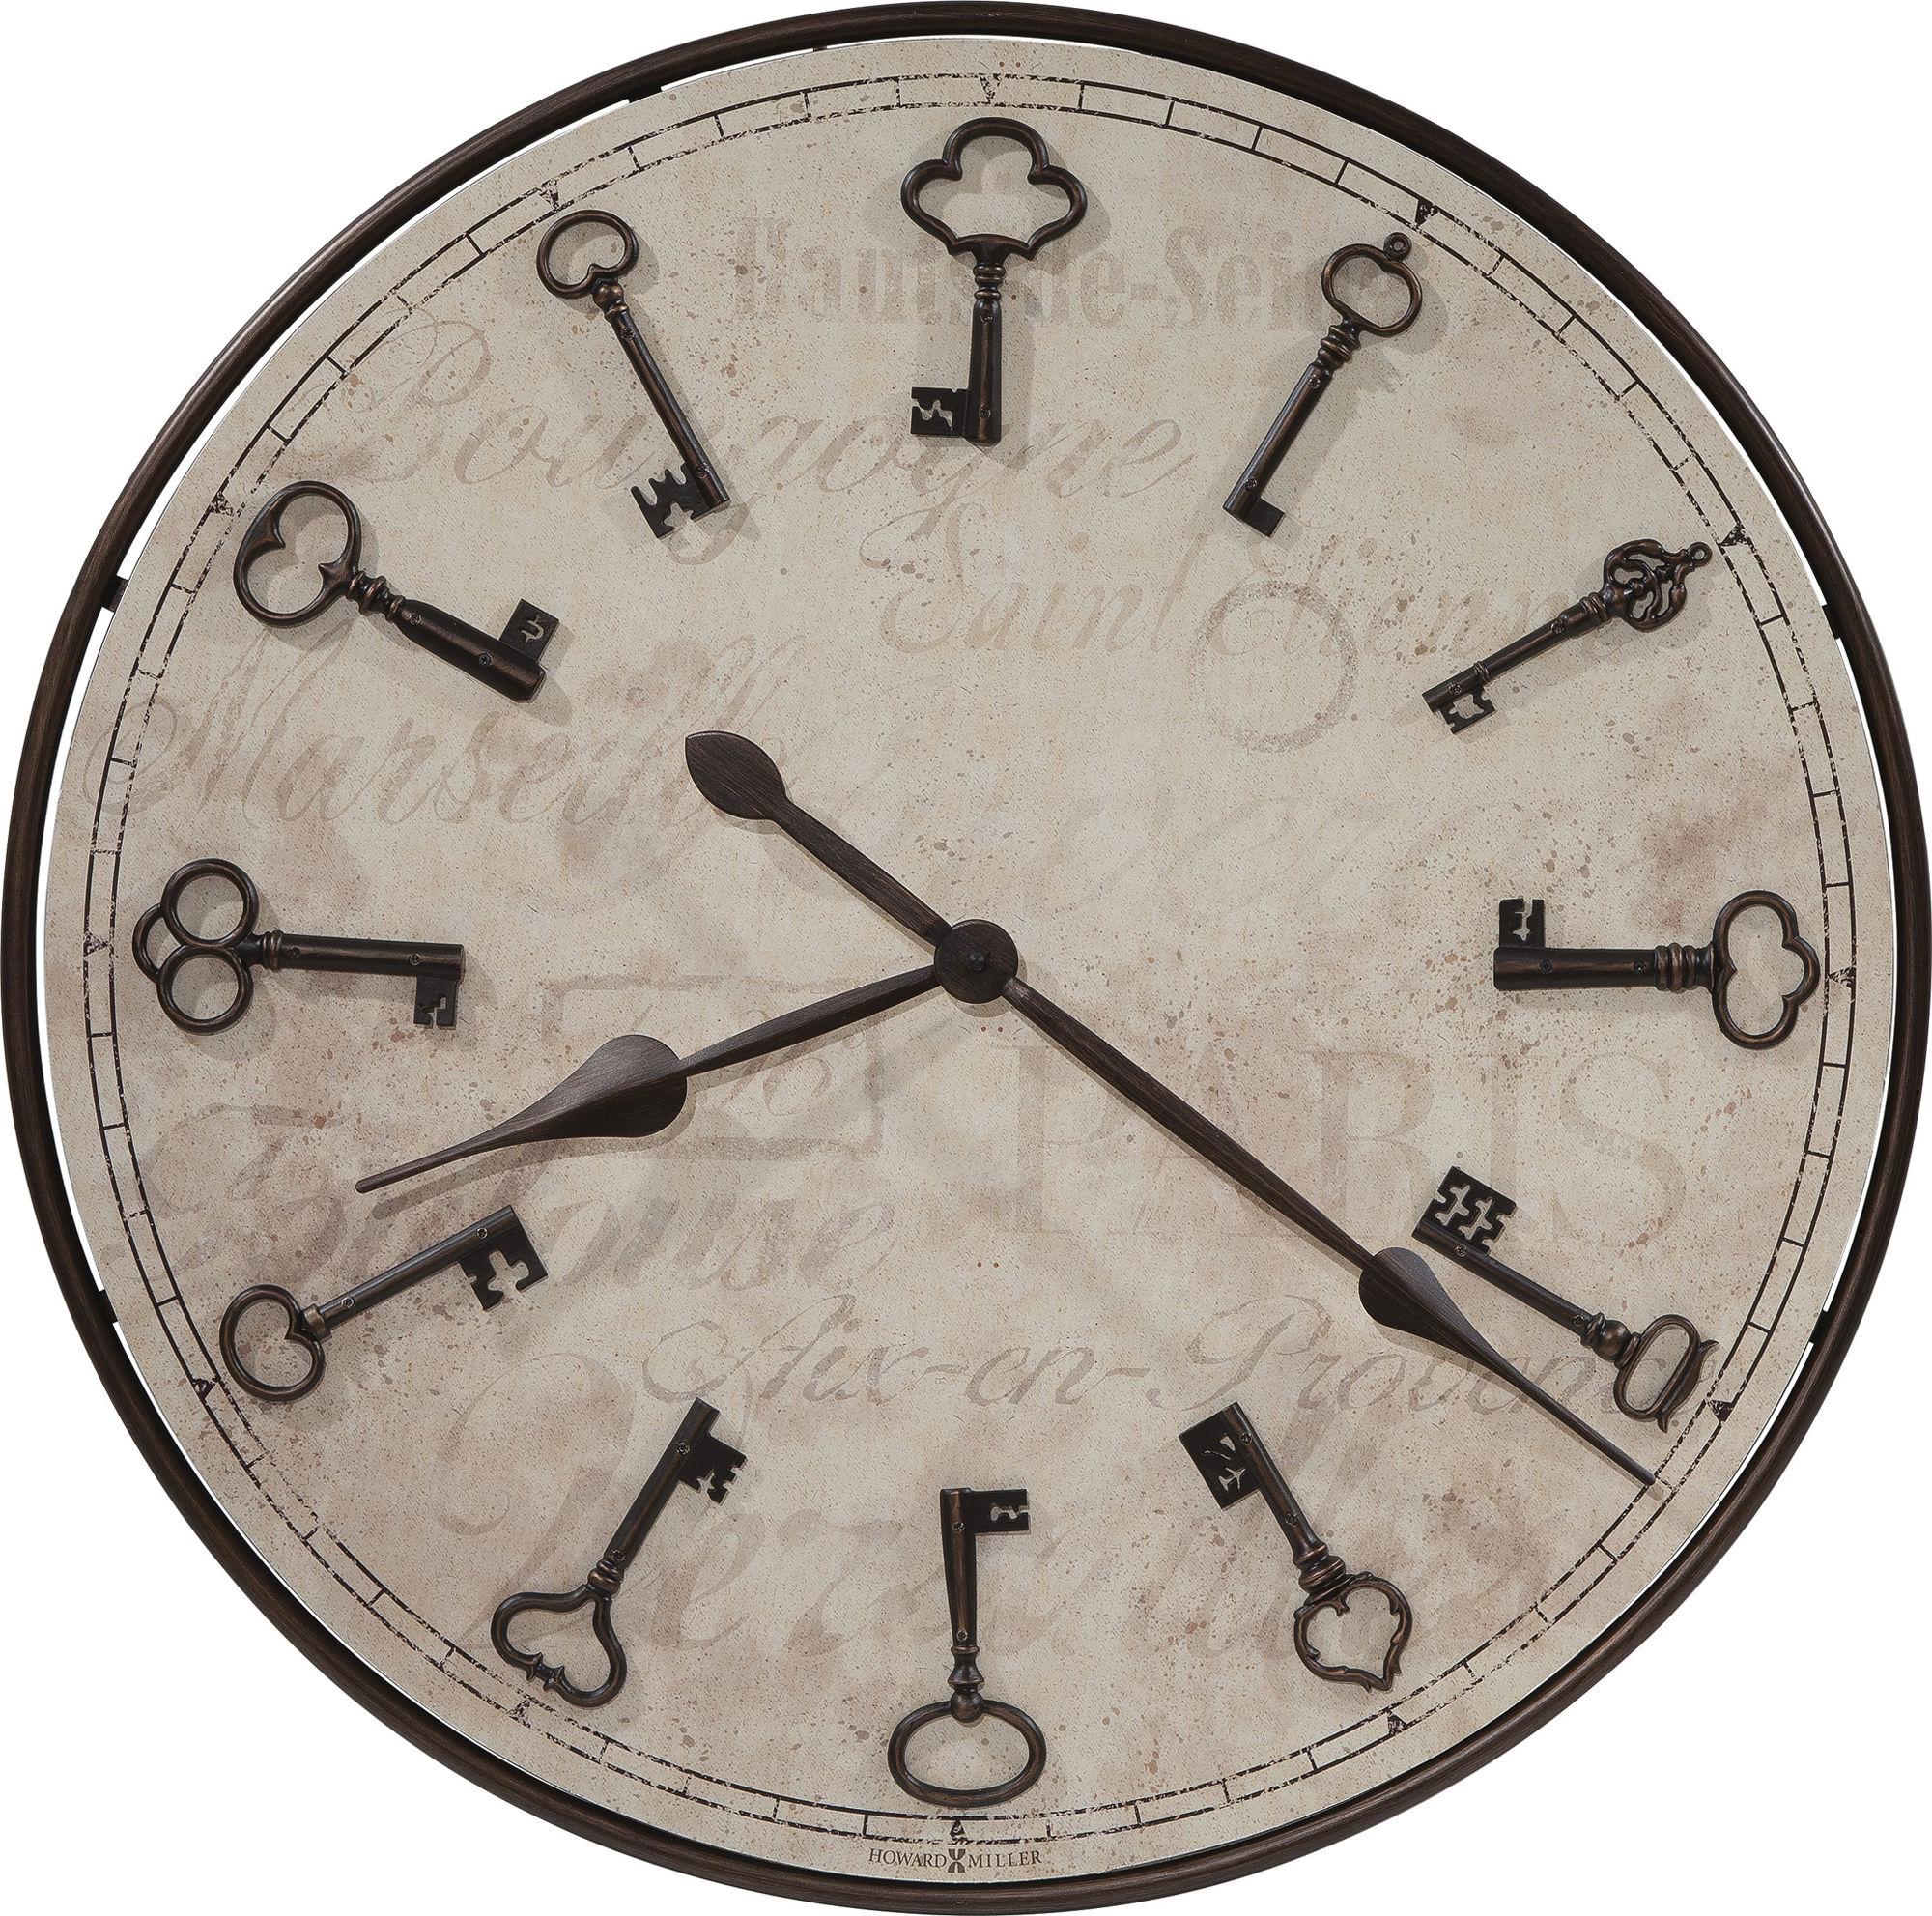 Фон для часов своими руками 435